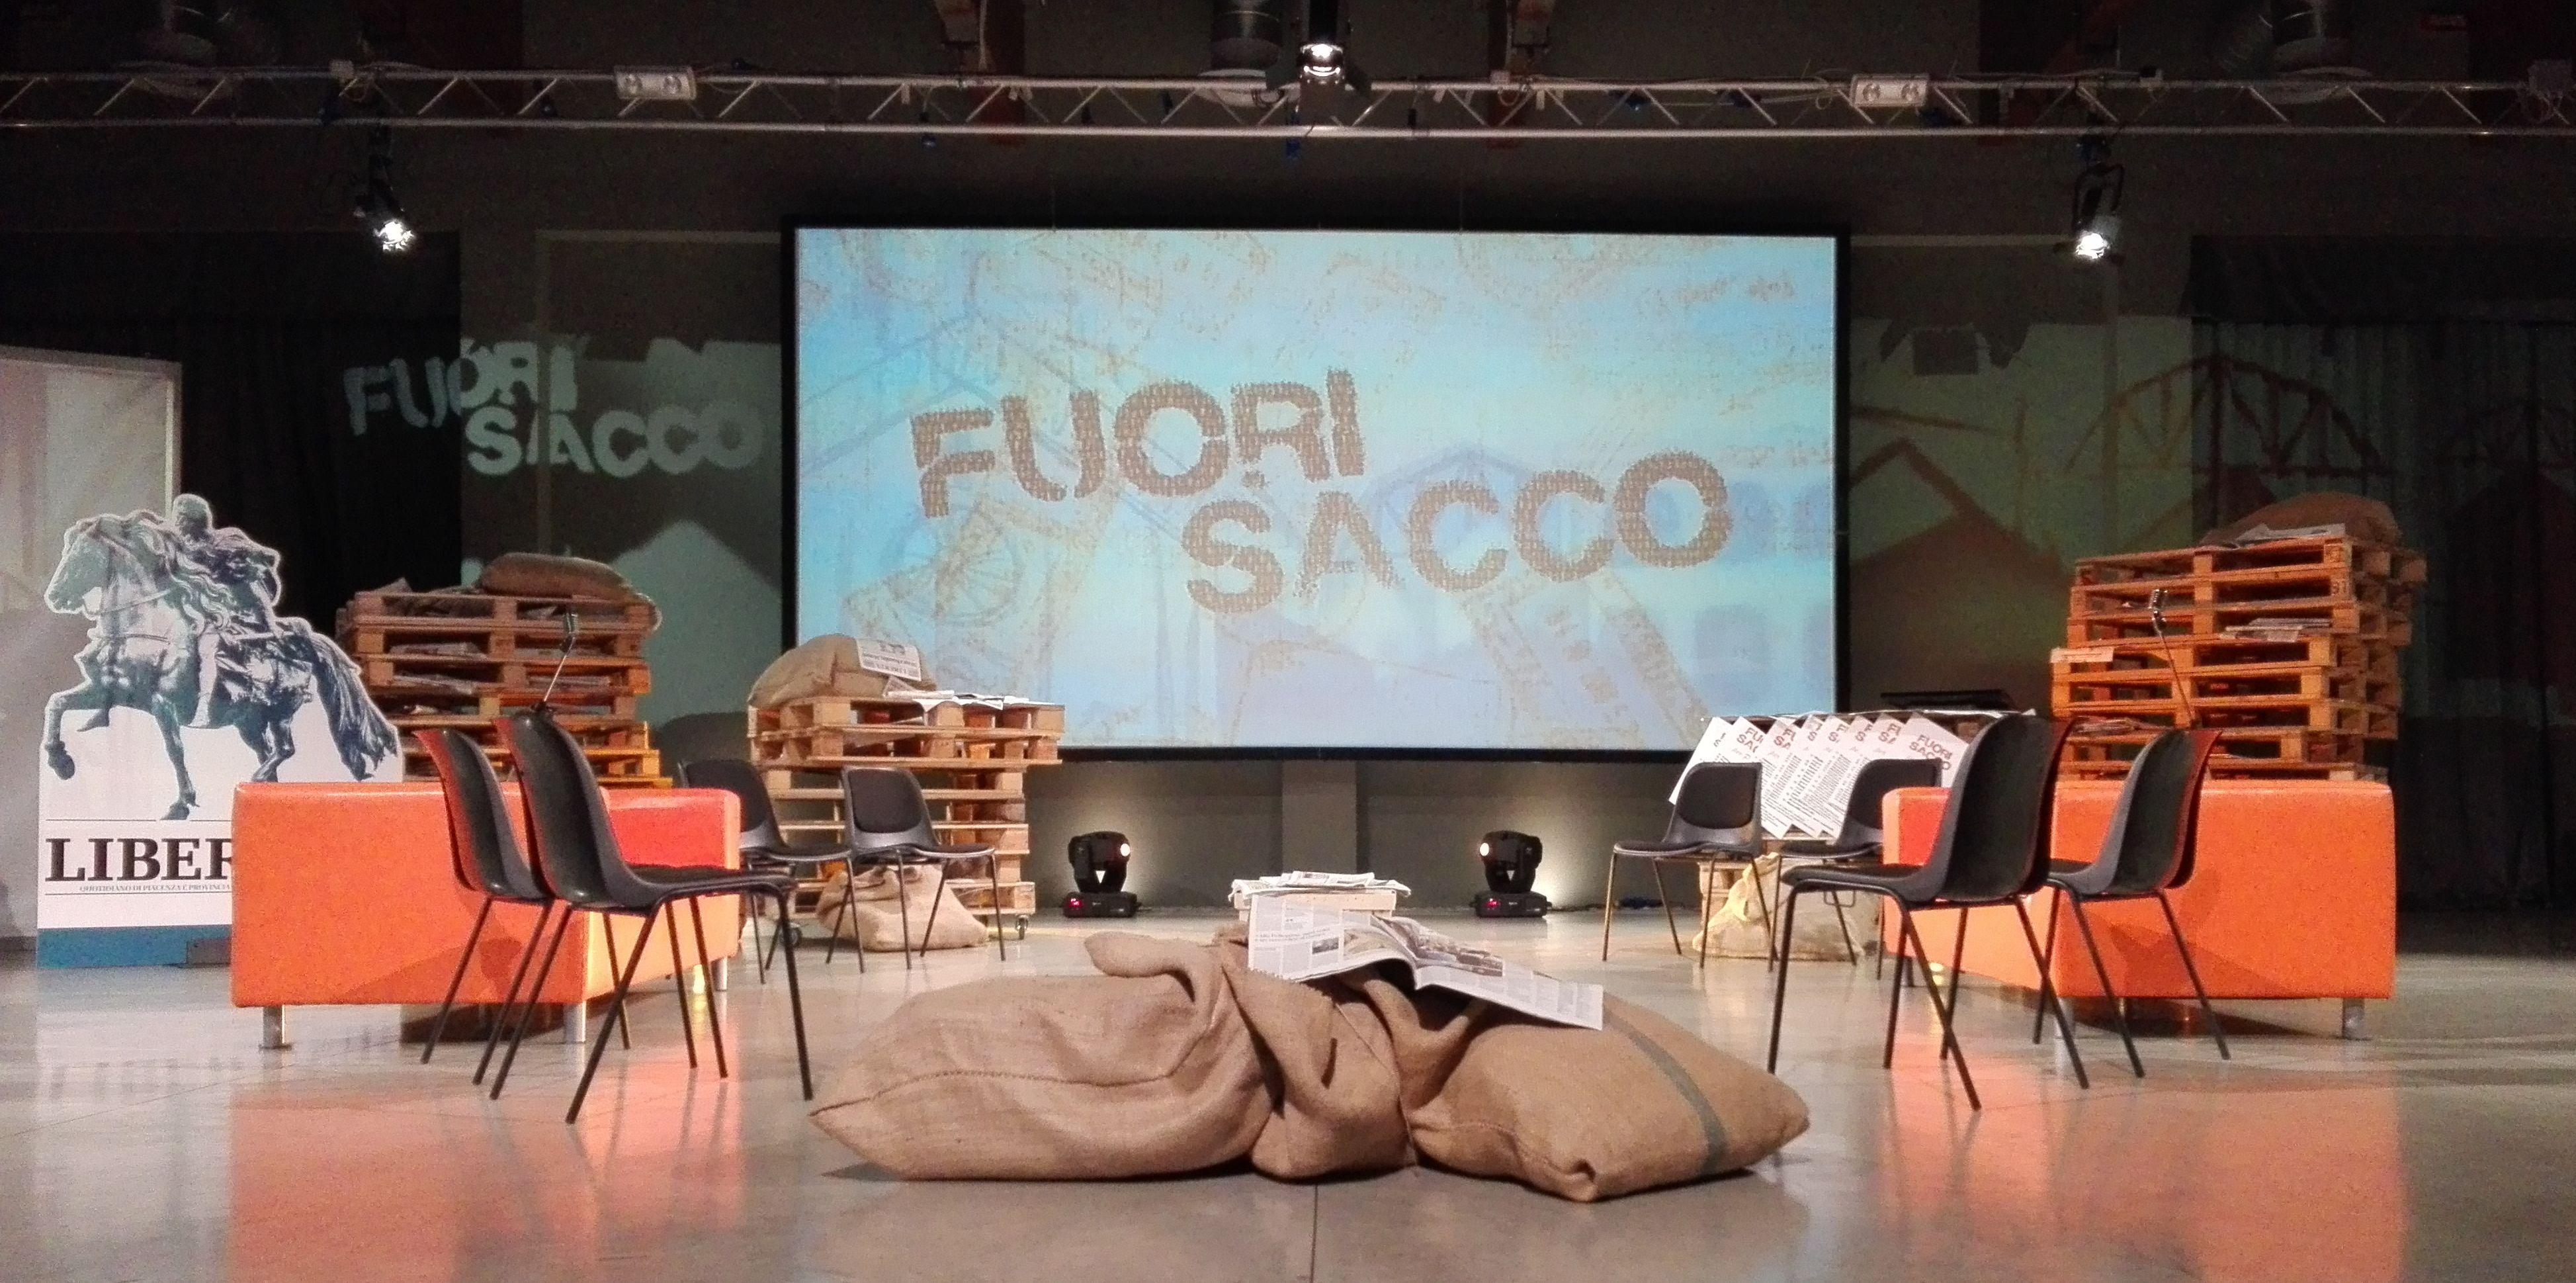 Le proposte di Ponzini e Pugni presentate a Fuori Sacco